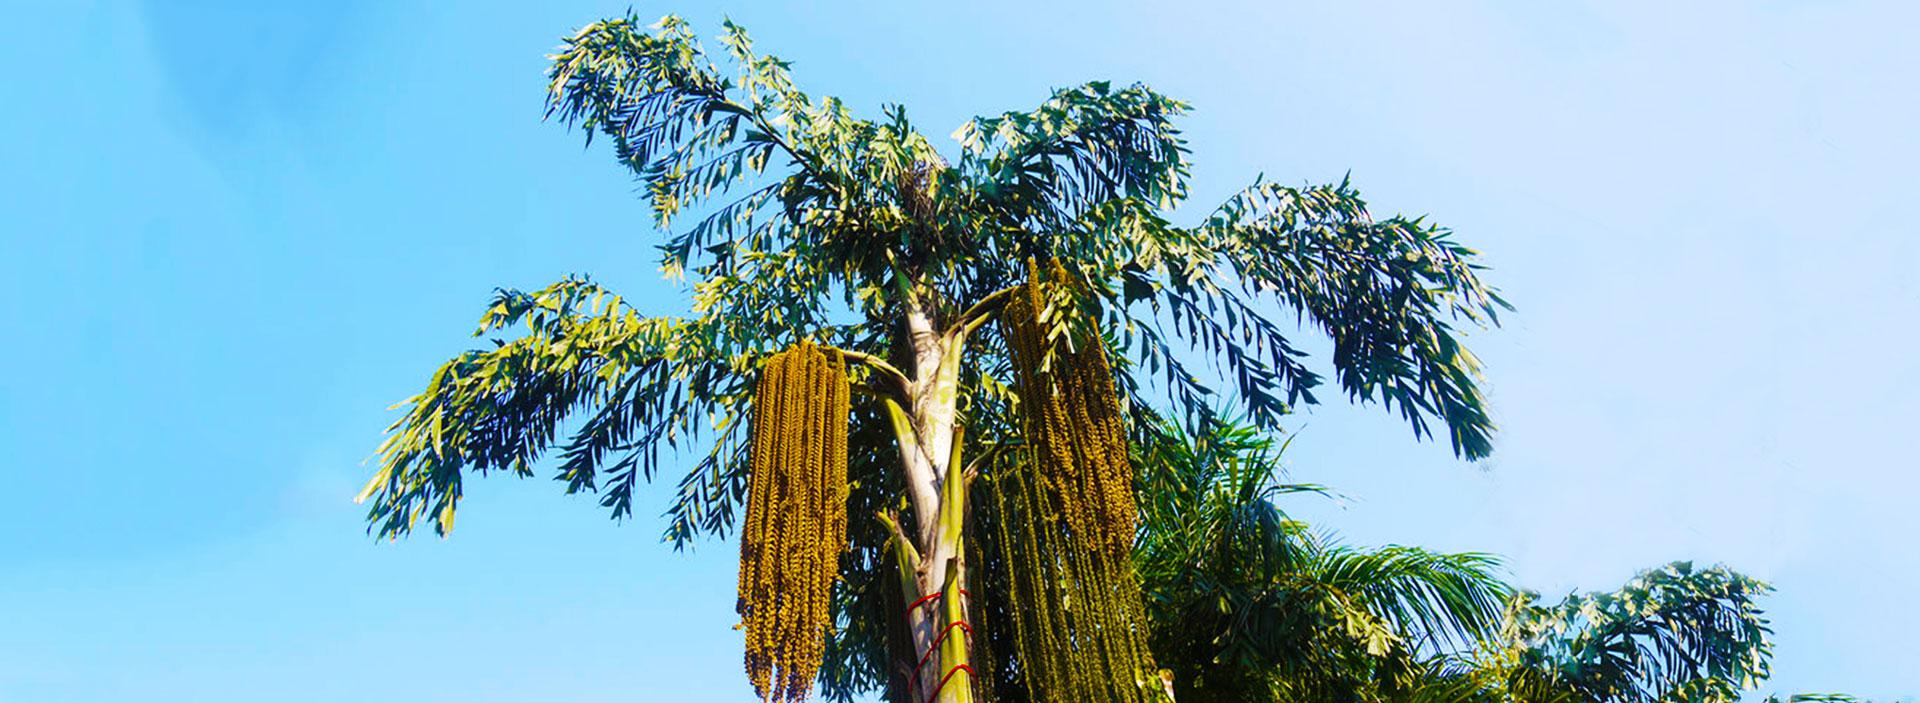 Kithul Tree Flower